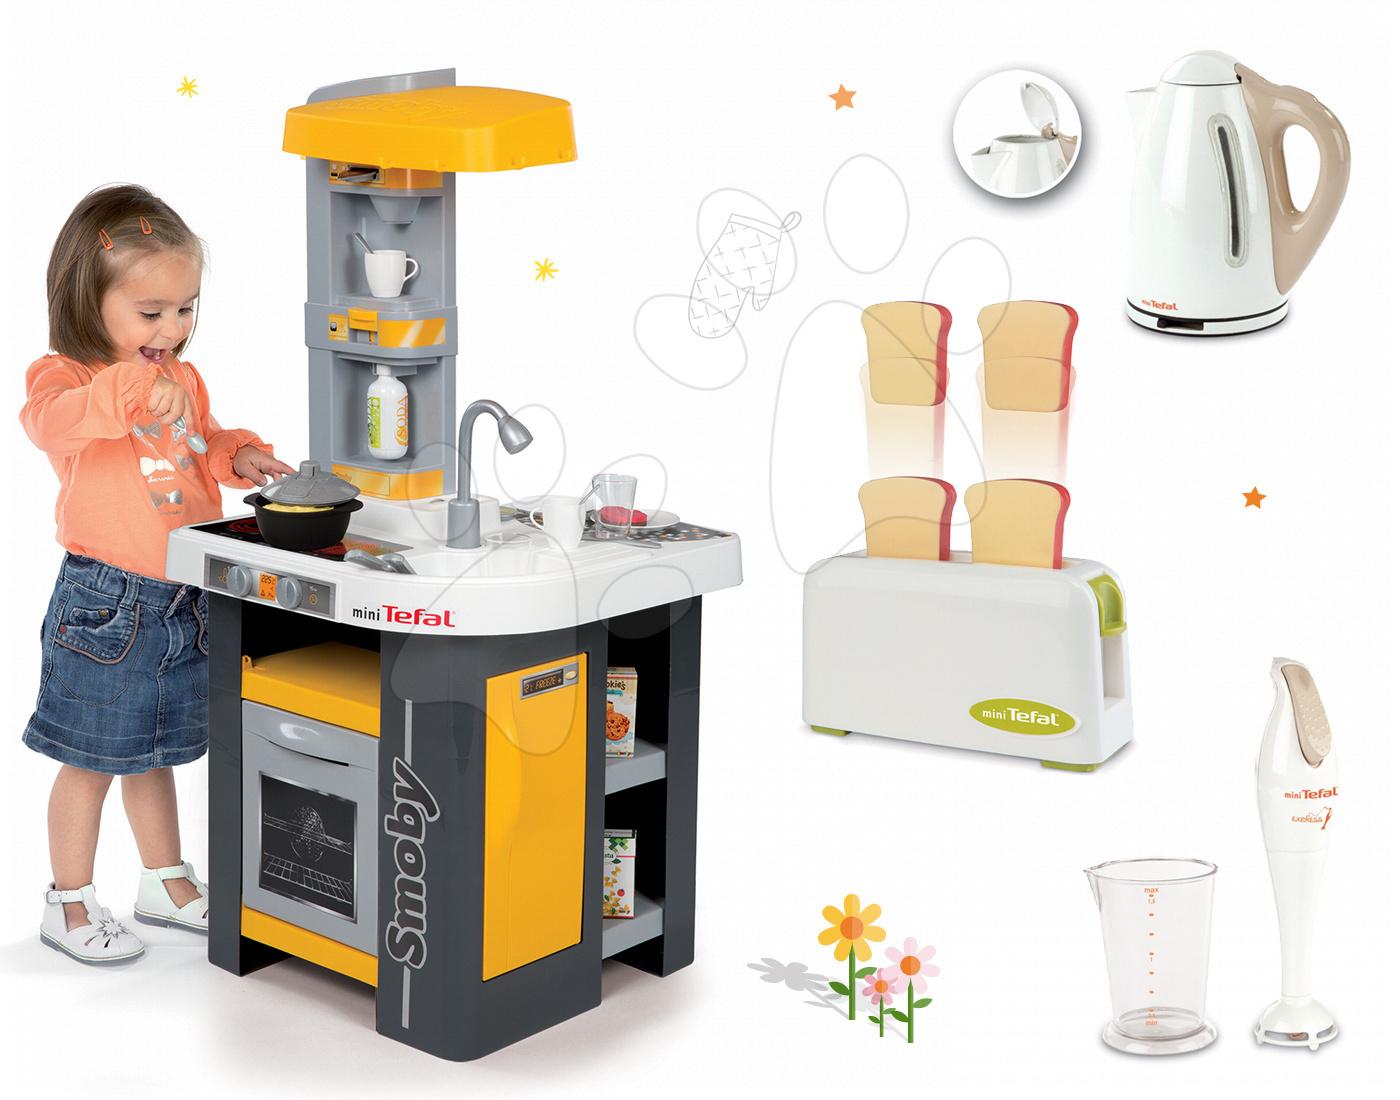 Set kuchyňka Tefal Studio Smoby s automatem na sodu a kuchyňské spotřebiče